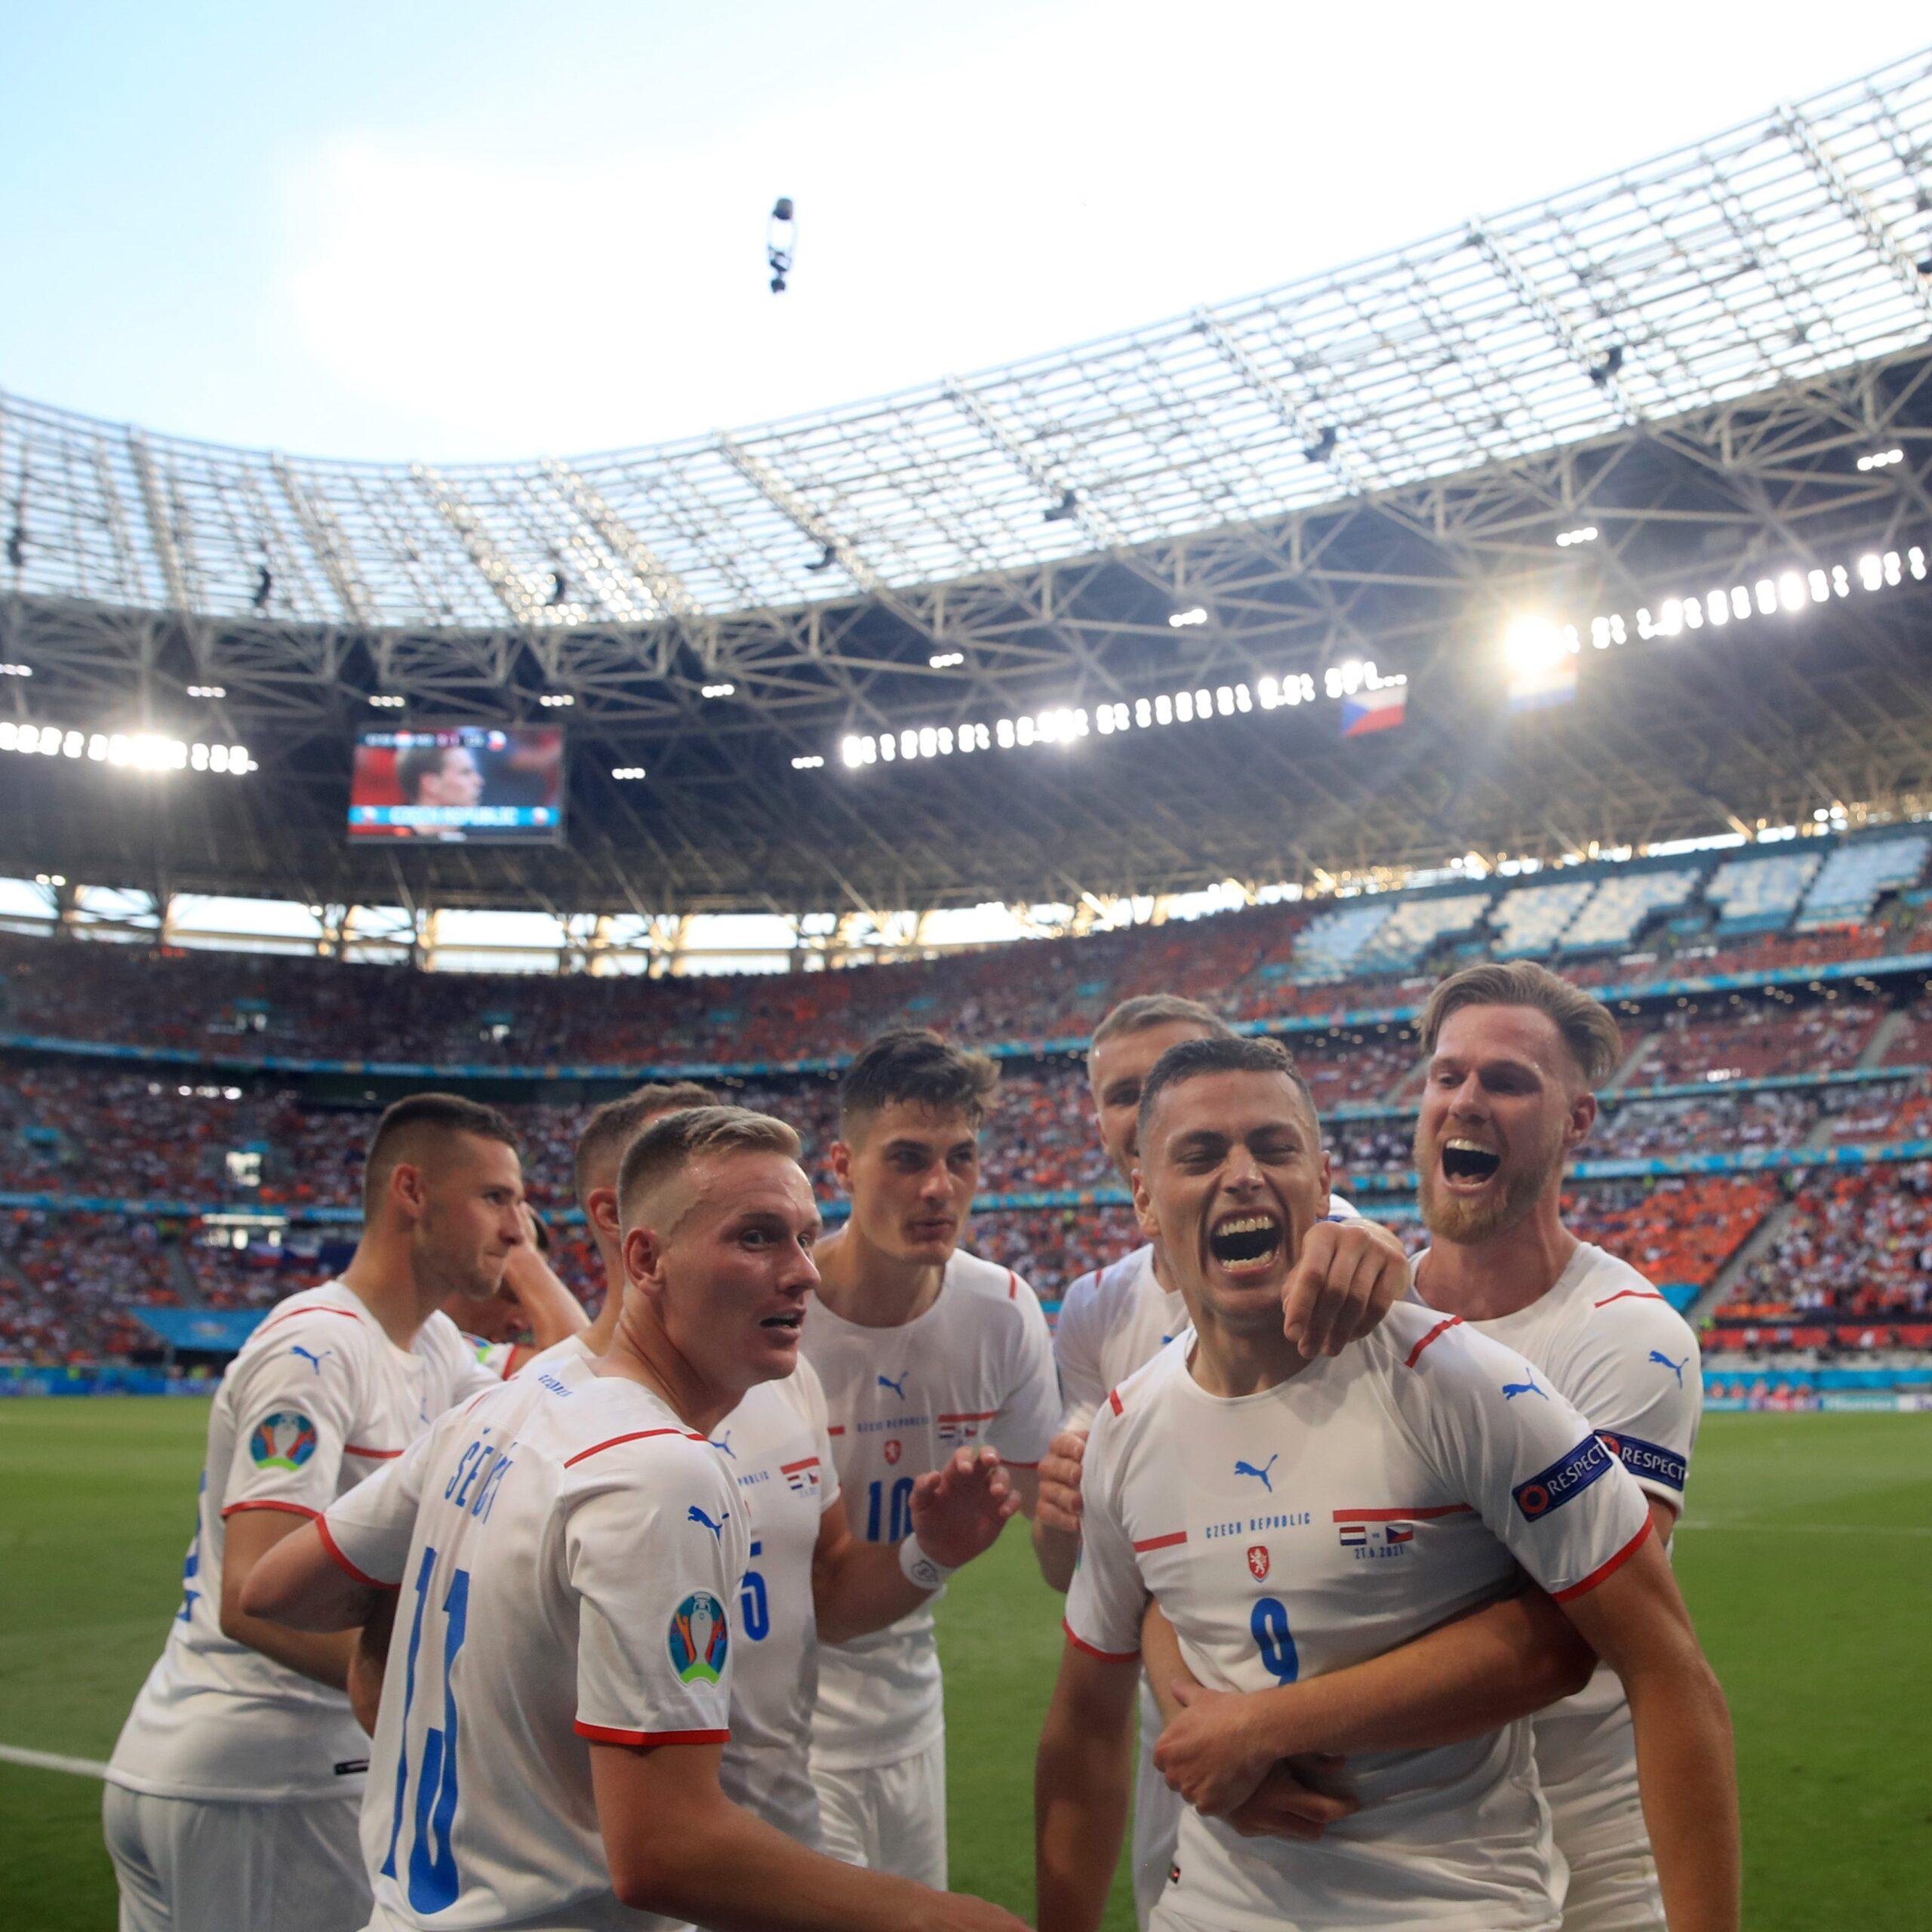 República Tcheca surpreende e elimina a Holanda na Eurocopa